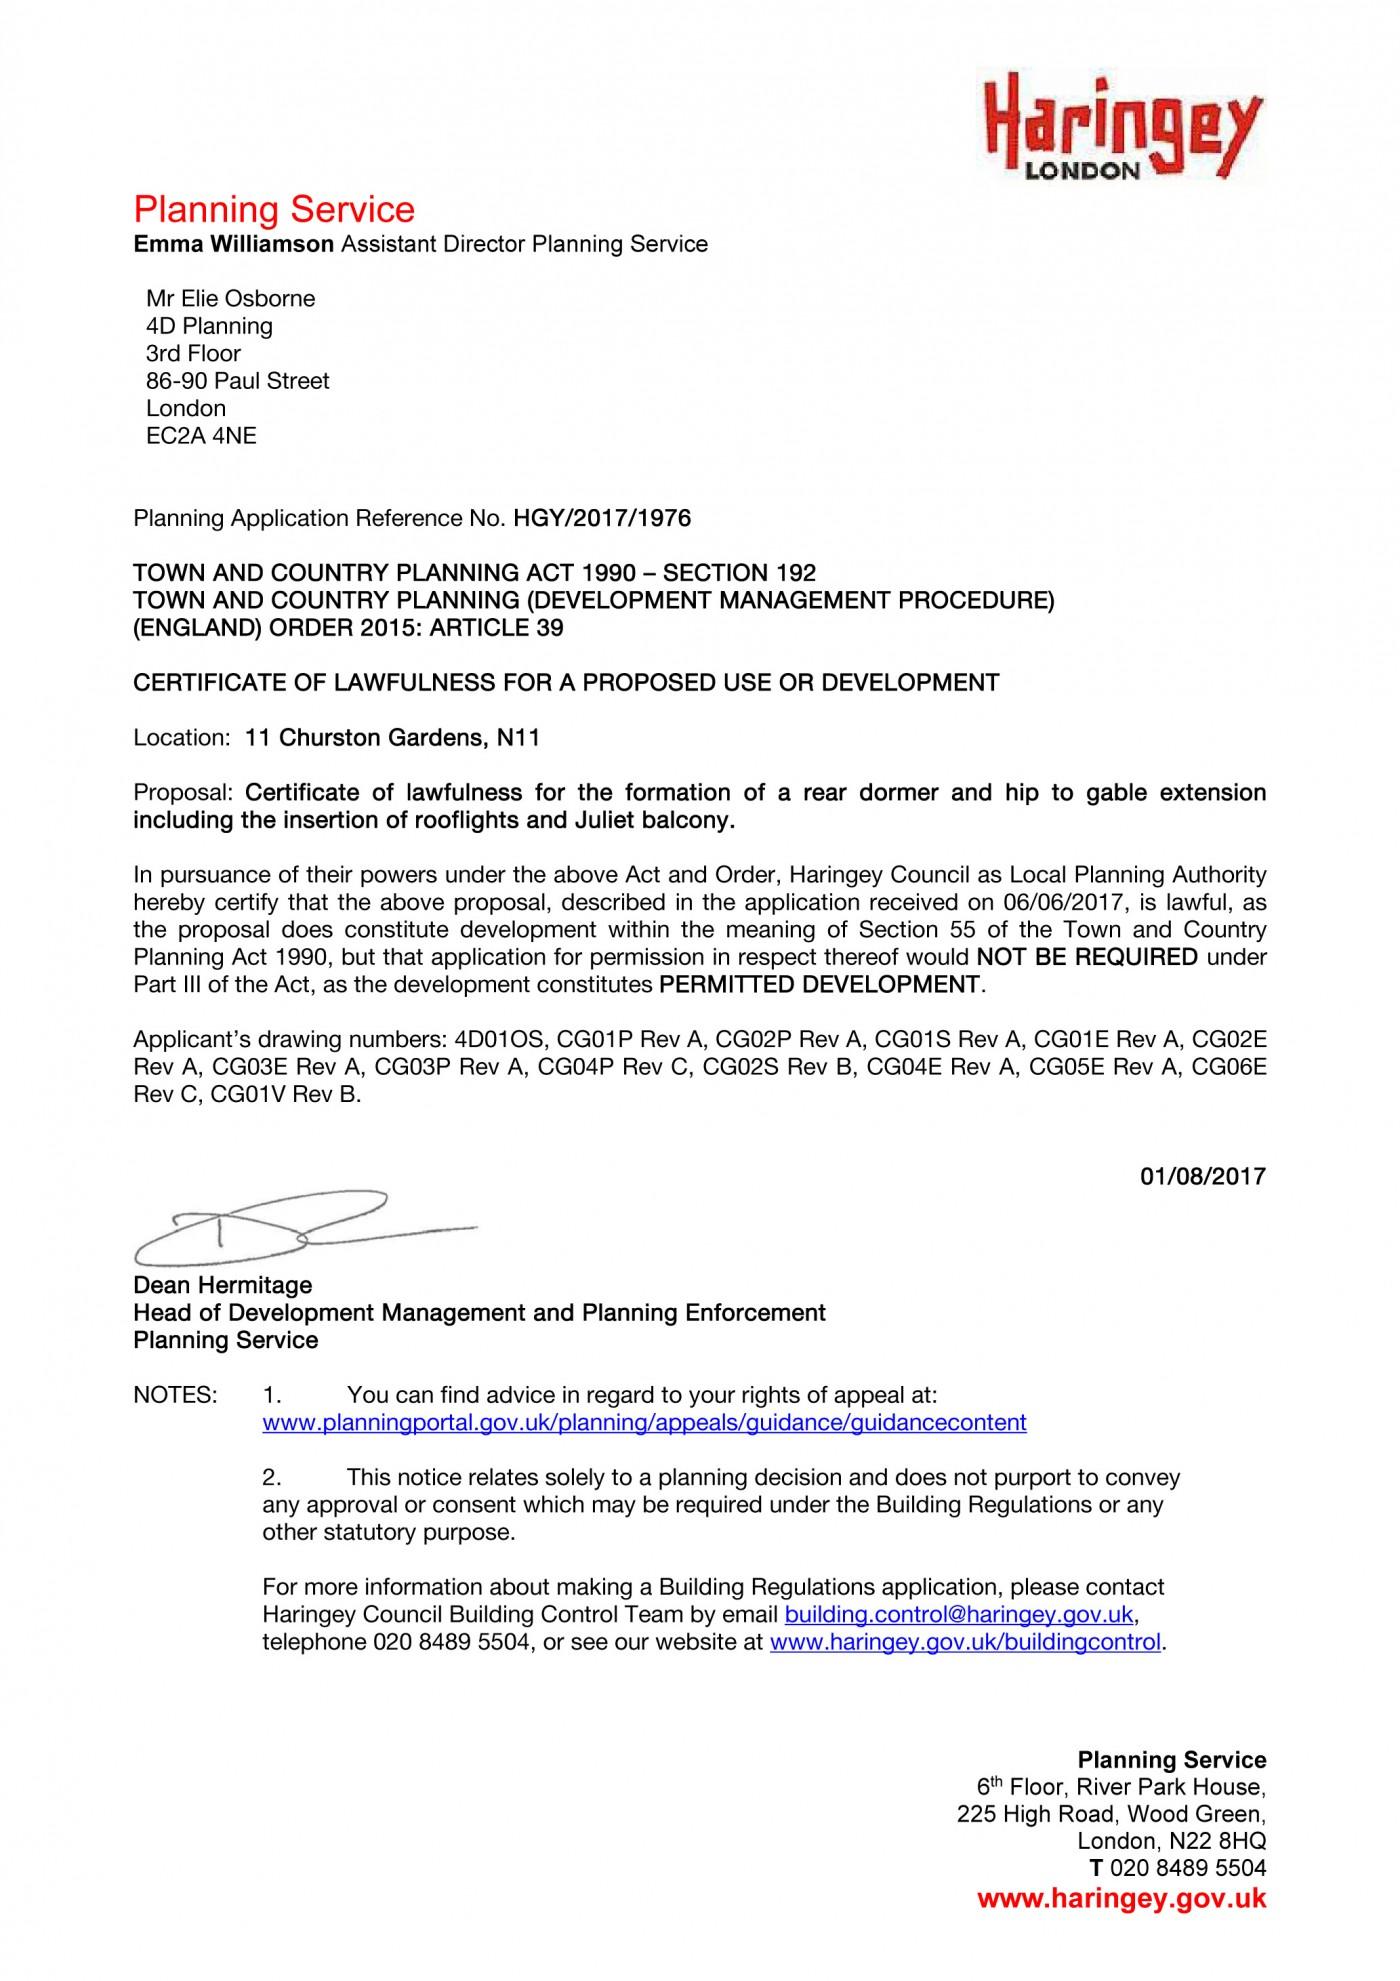 decision notice - Haringey